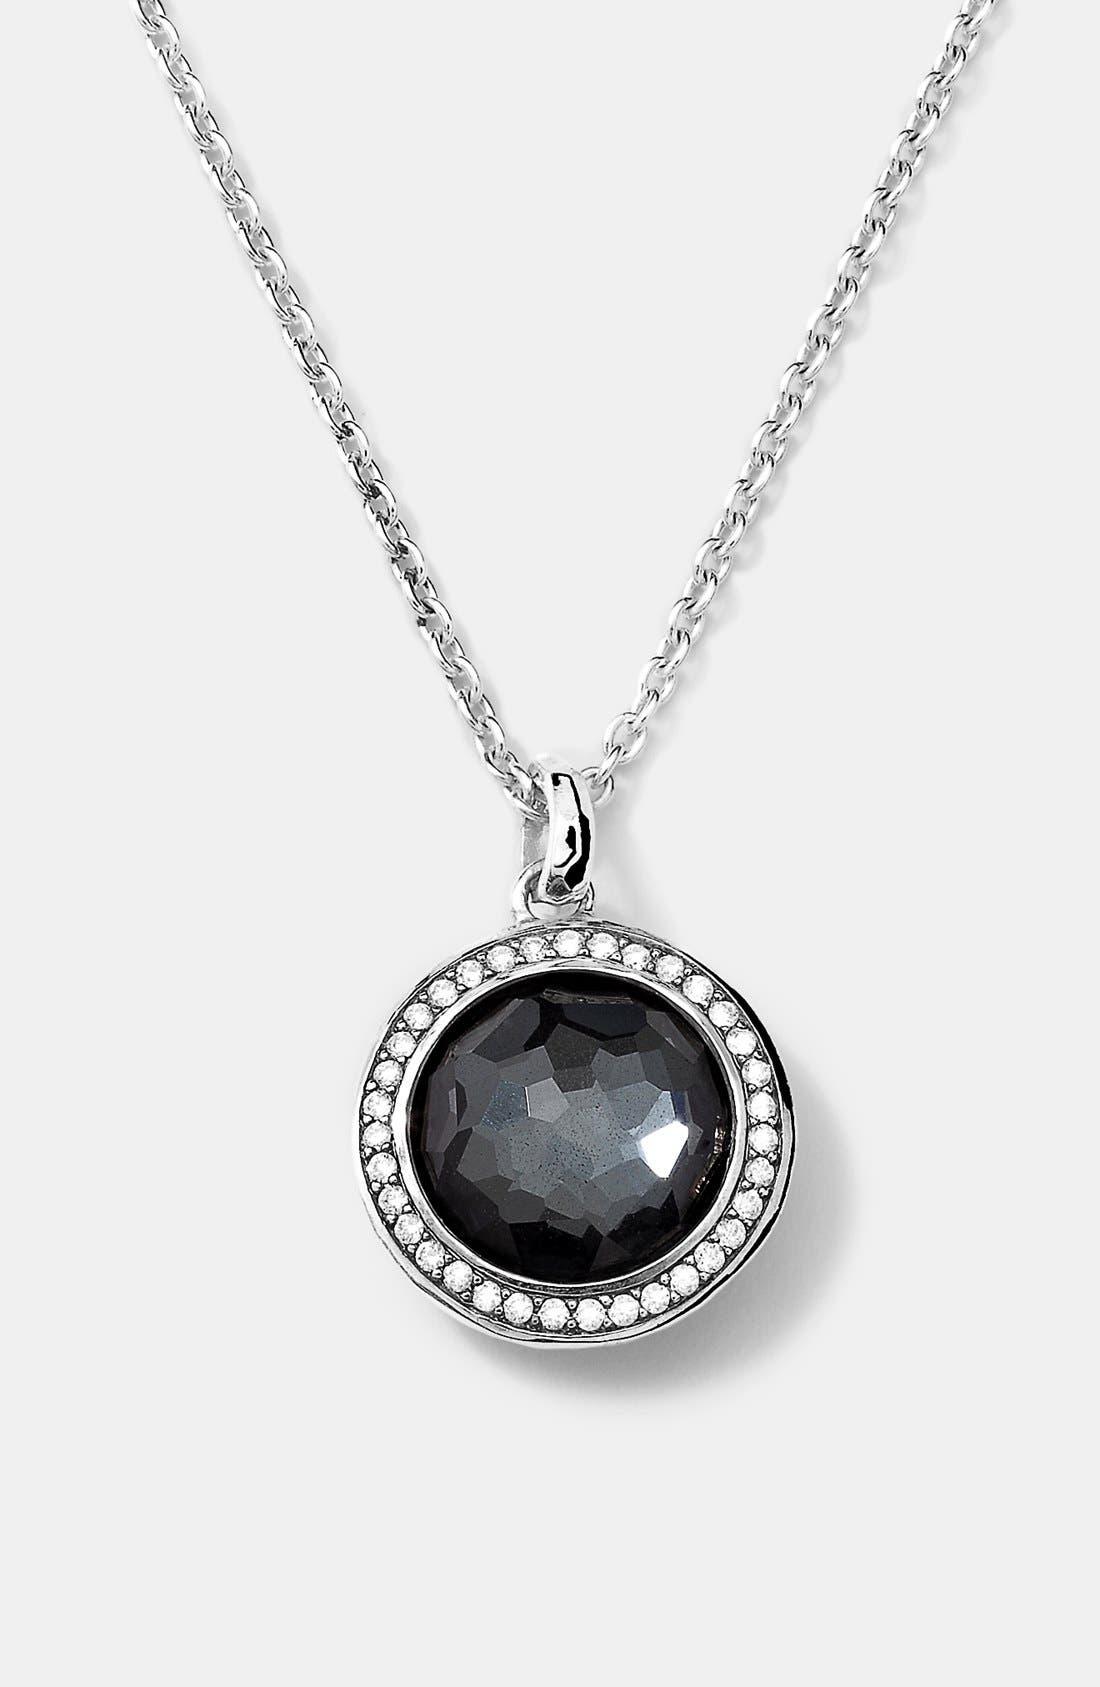 Ippolita 'Stella' Small Pendant Necklace